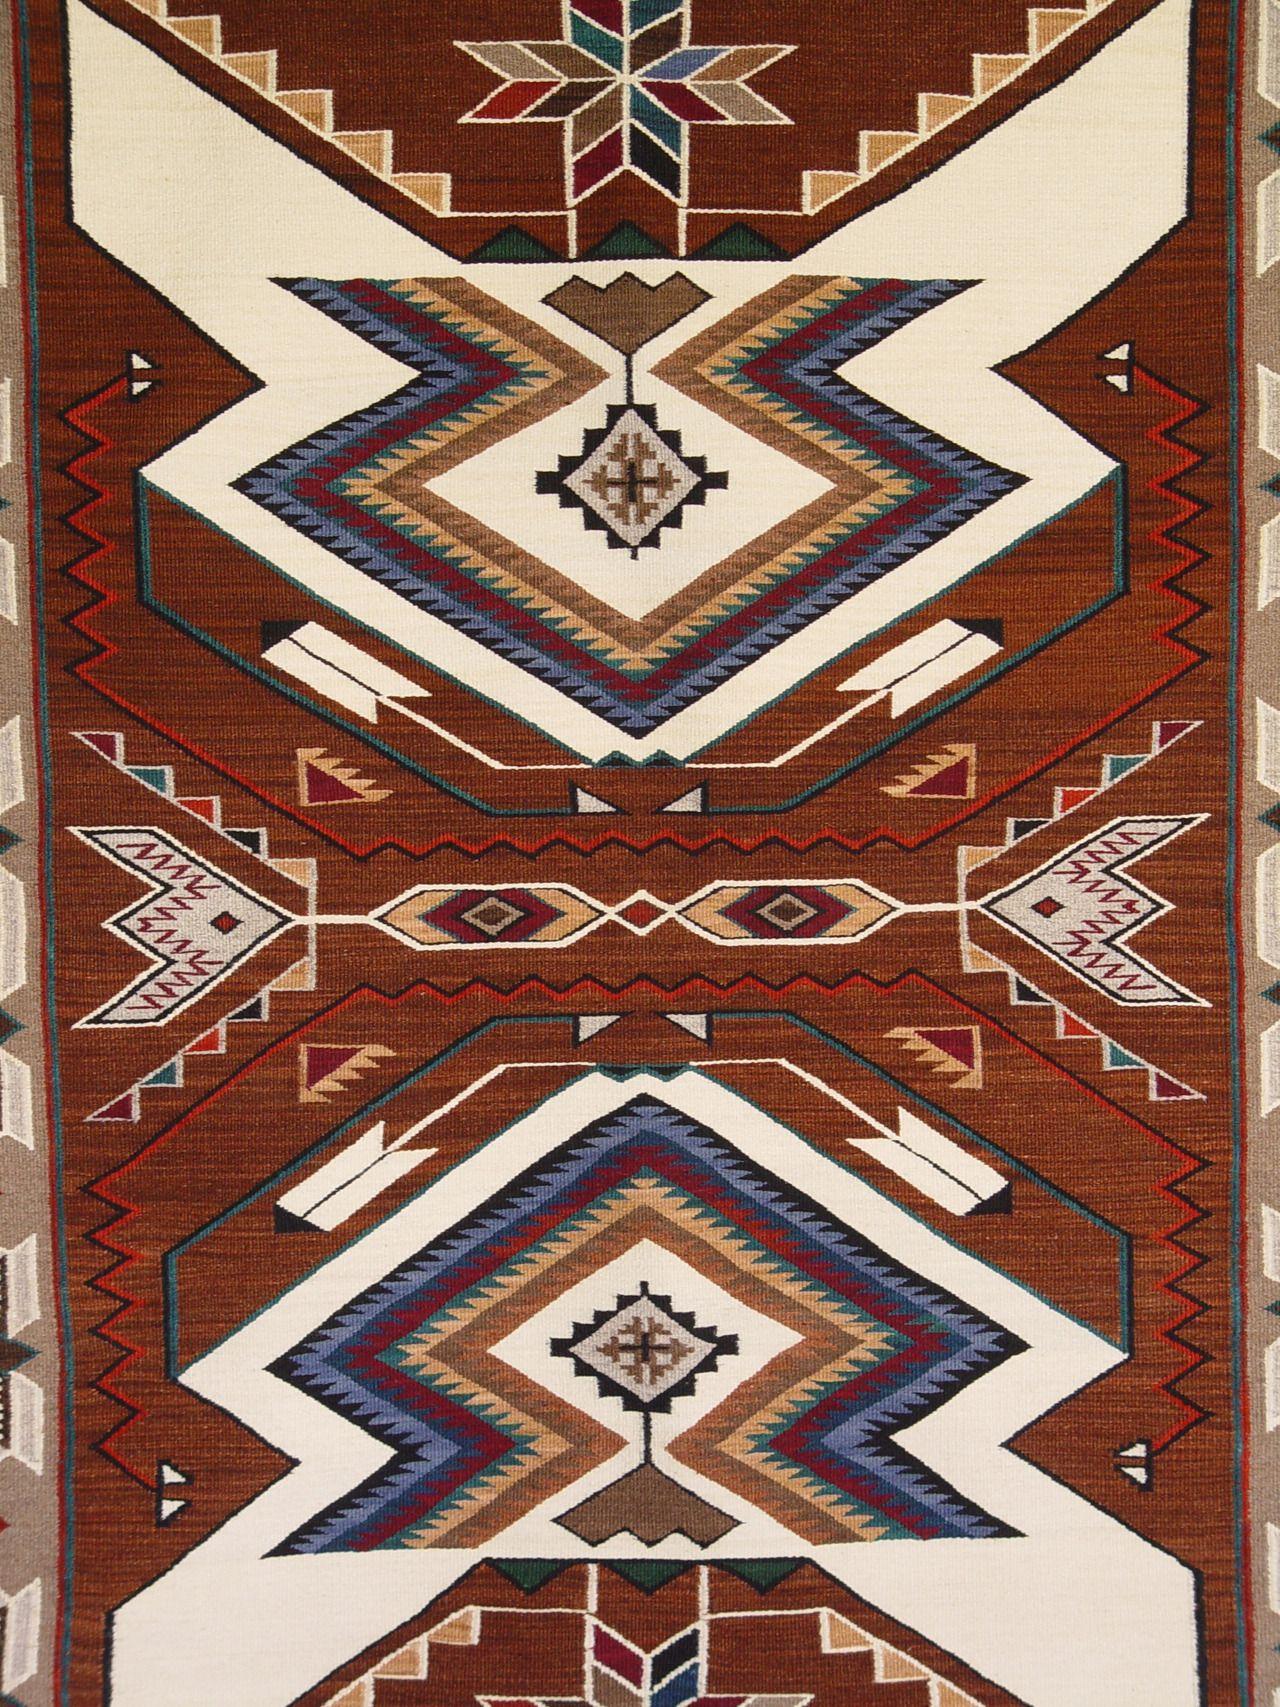 Navajo Blanket Debs Embroidery Native American Rugs